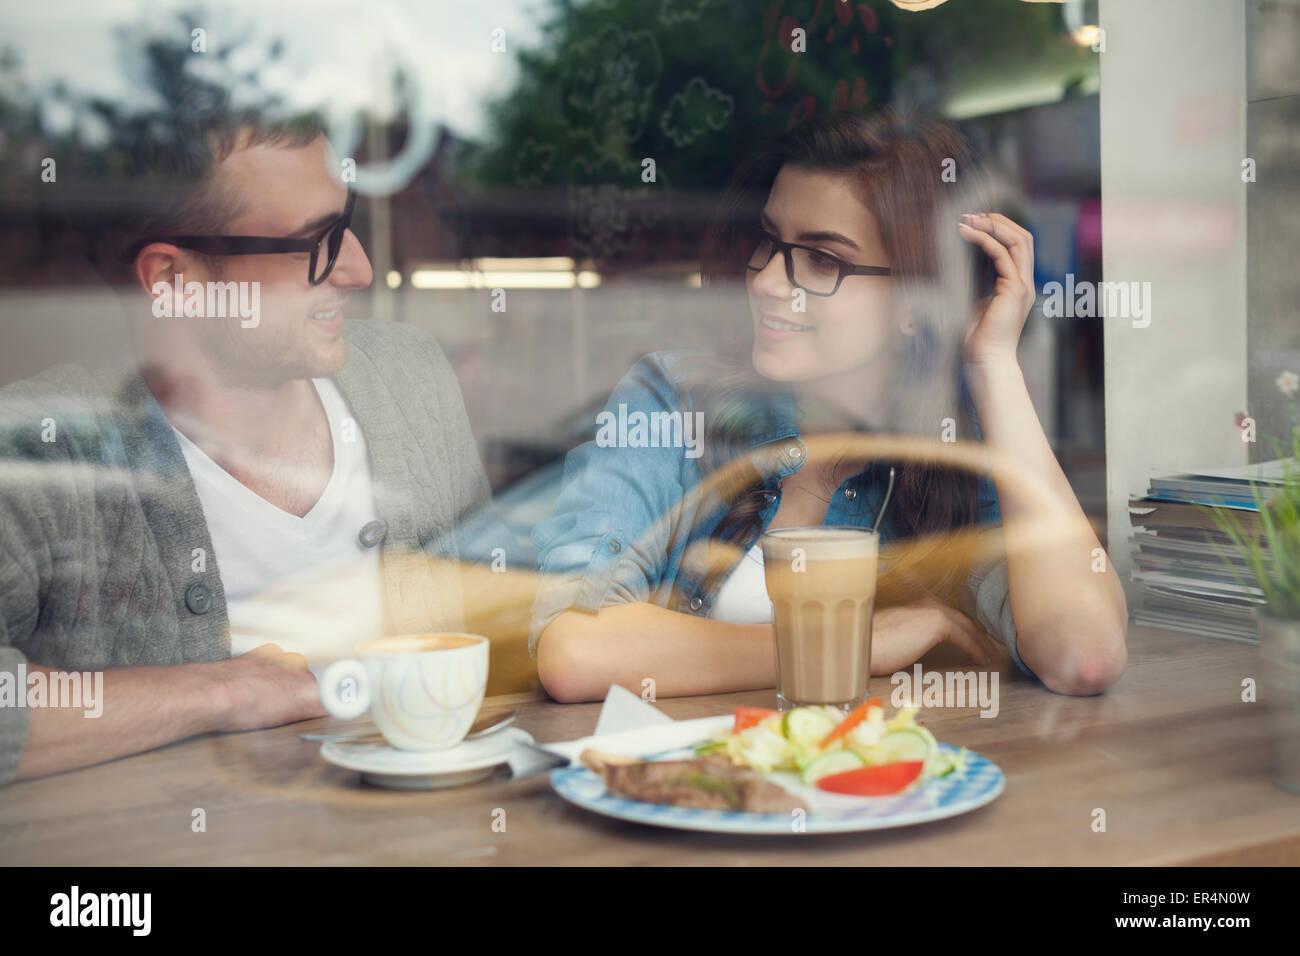 Glücklicher Mann und Frau in der Mittagszeit. Krakau, Polen Stockbild